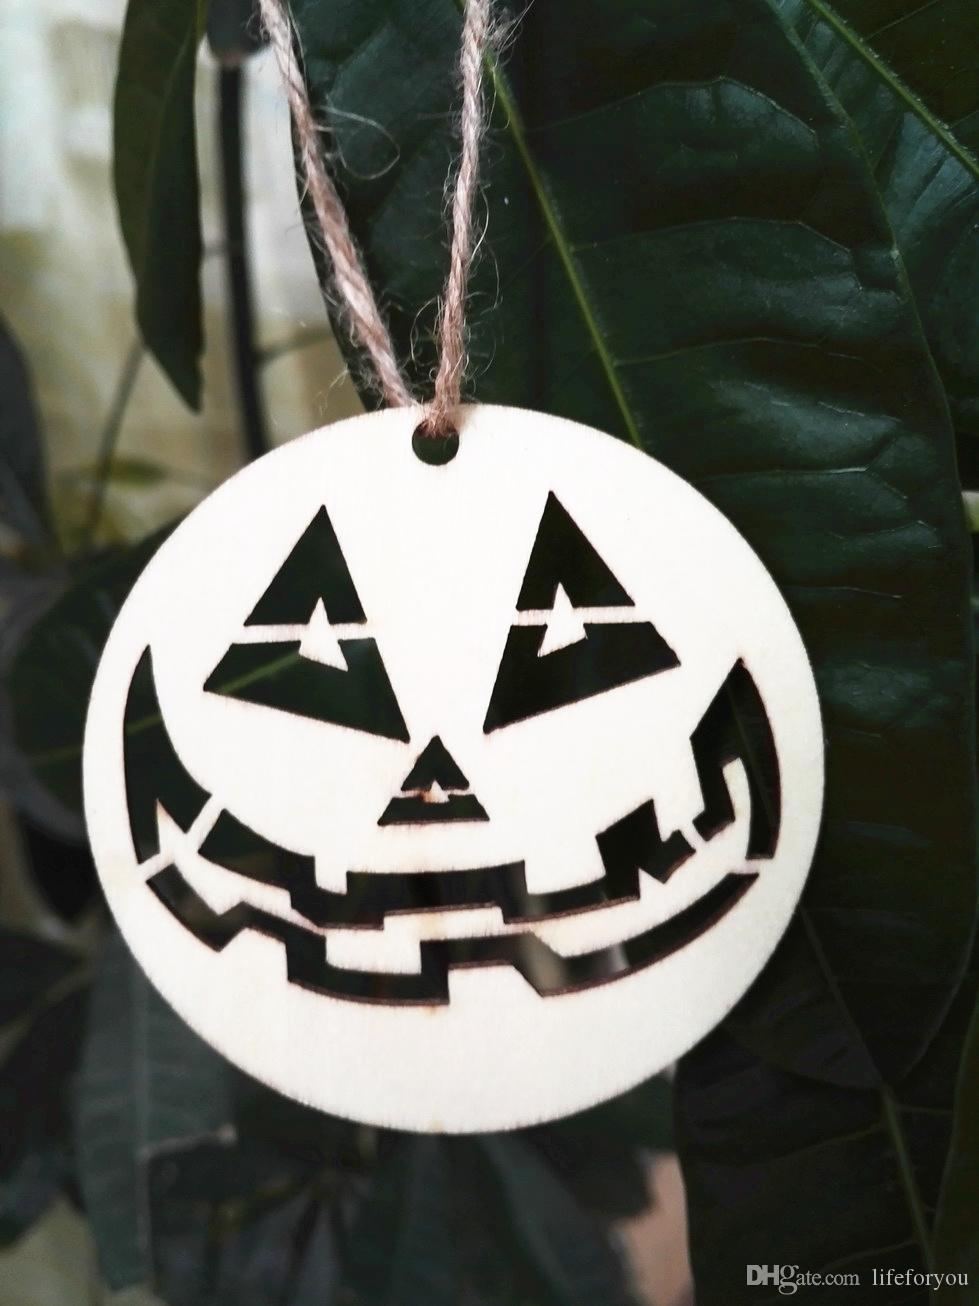 Хэллоуин украшения Хэллоуин лазерная резка деревянные тыквы небольшой Хэллоуин украшения партии декоративные украшения партии фестиваль партии поставщиков